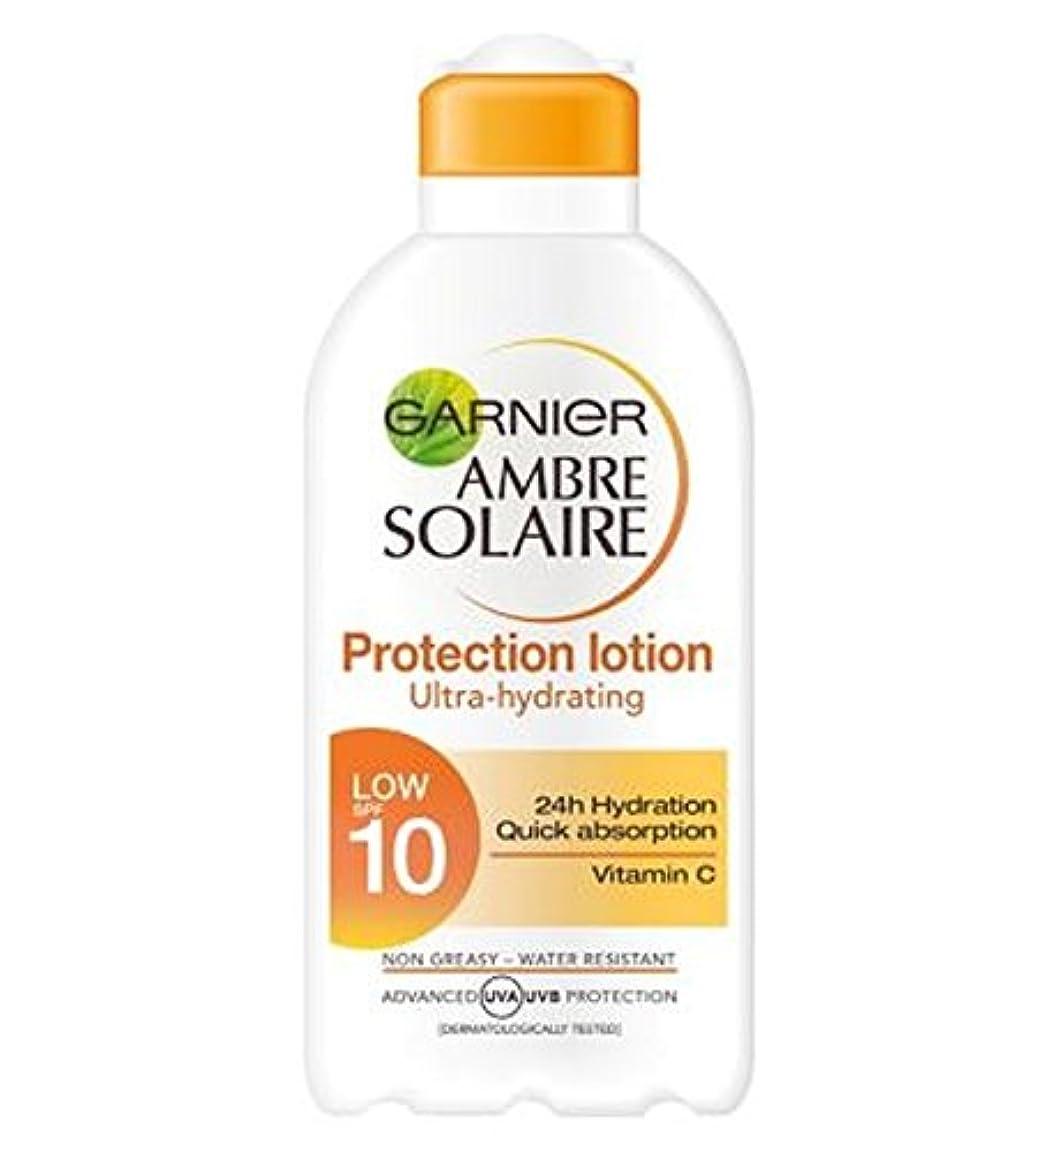 粘り強いビタミン単にガルニエアンブレSolaire保護ローションSpf10の200ミリリットル (Garnier) (x2) - Garnier Ambre Solaire Protection Lotion SPF10 200ml (Pack...